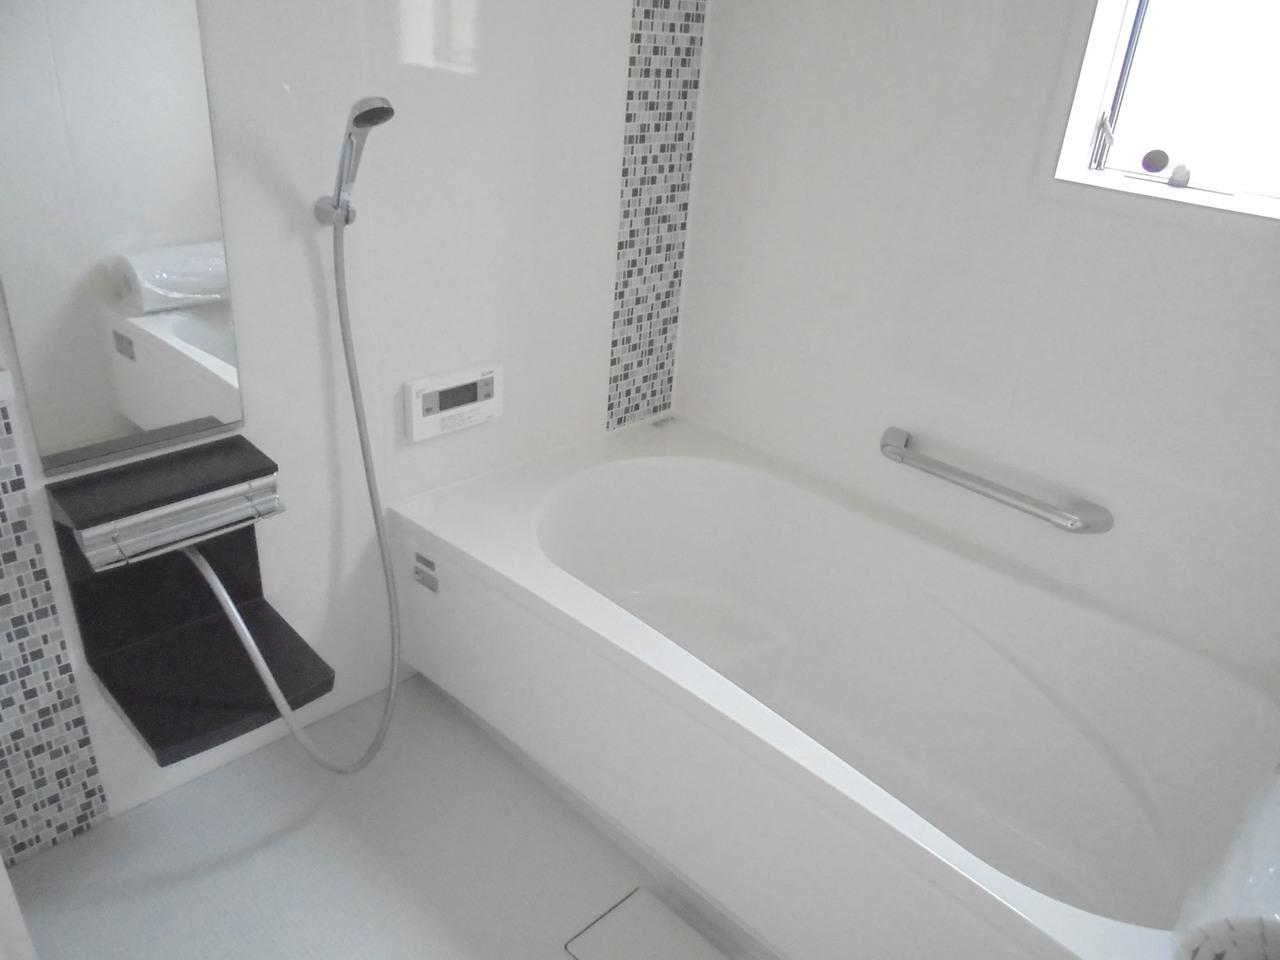 タイル風柄がポイントの浴室です♪ 腰掛のバスタブは半身浴にも◎ バスタイムが楽しくなりそうですね(^^♪